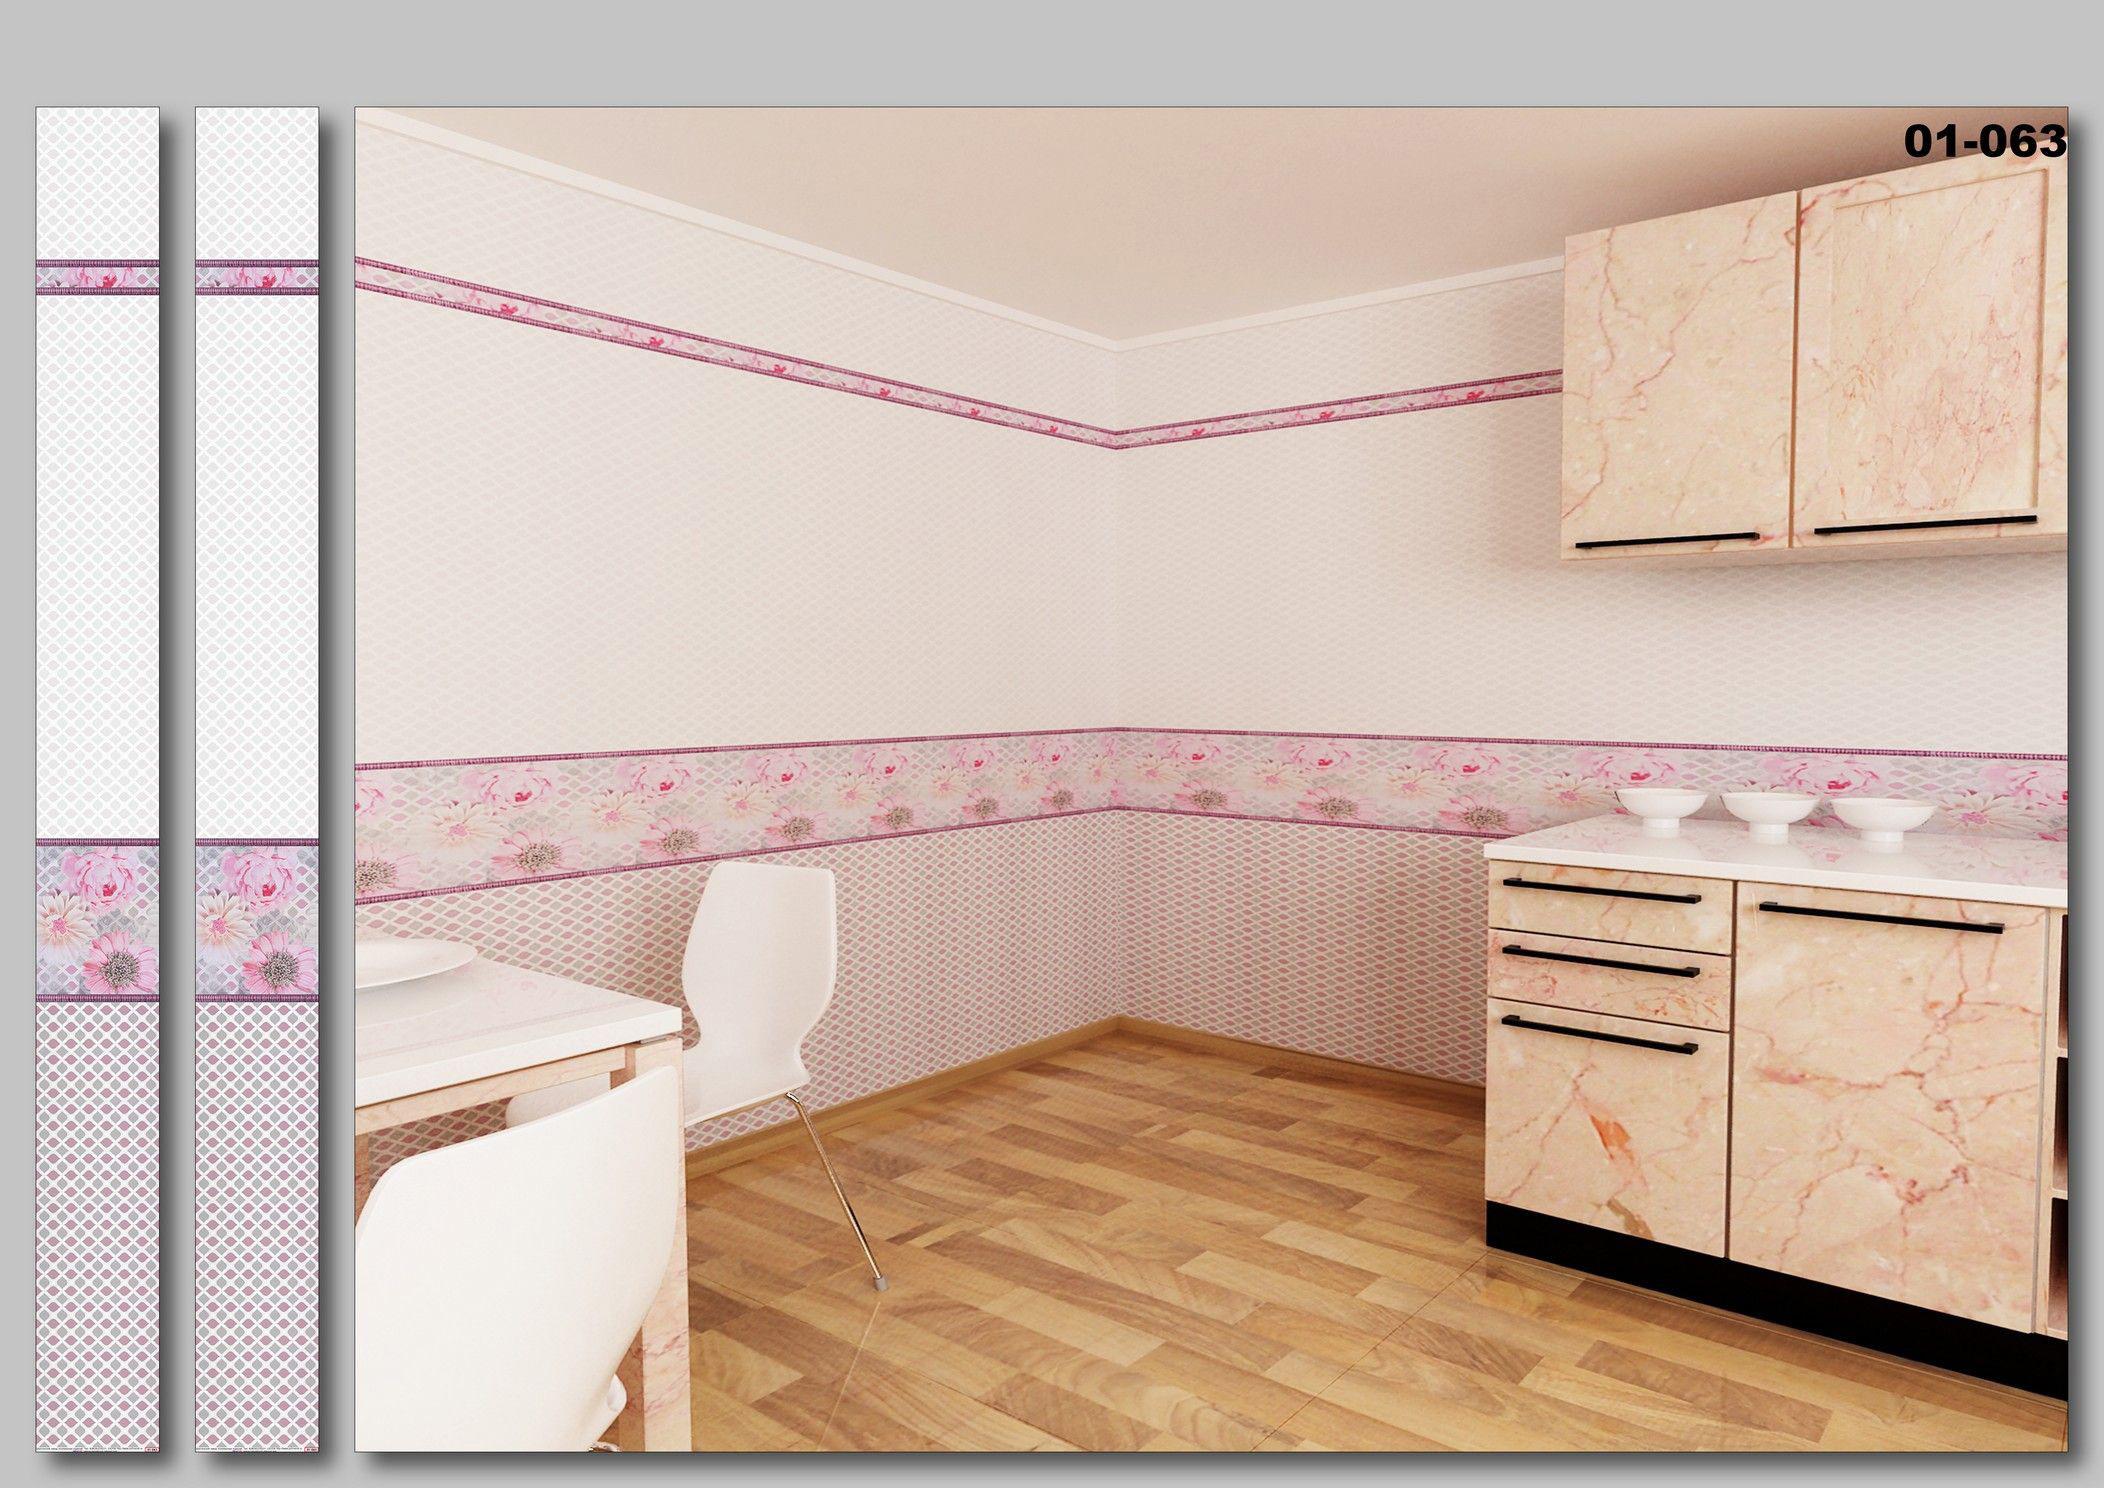 данным настенные пластиковые панели для кухни фото человек